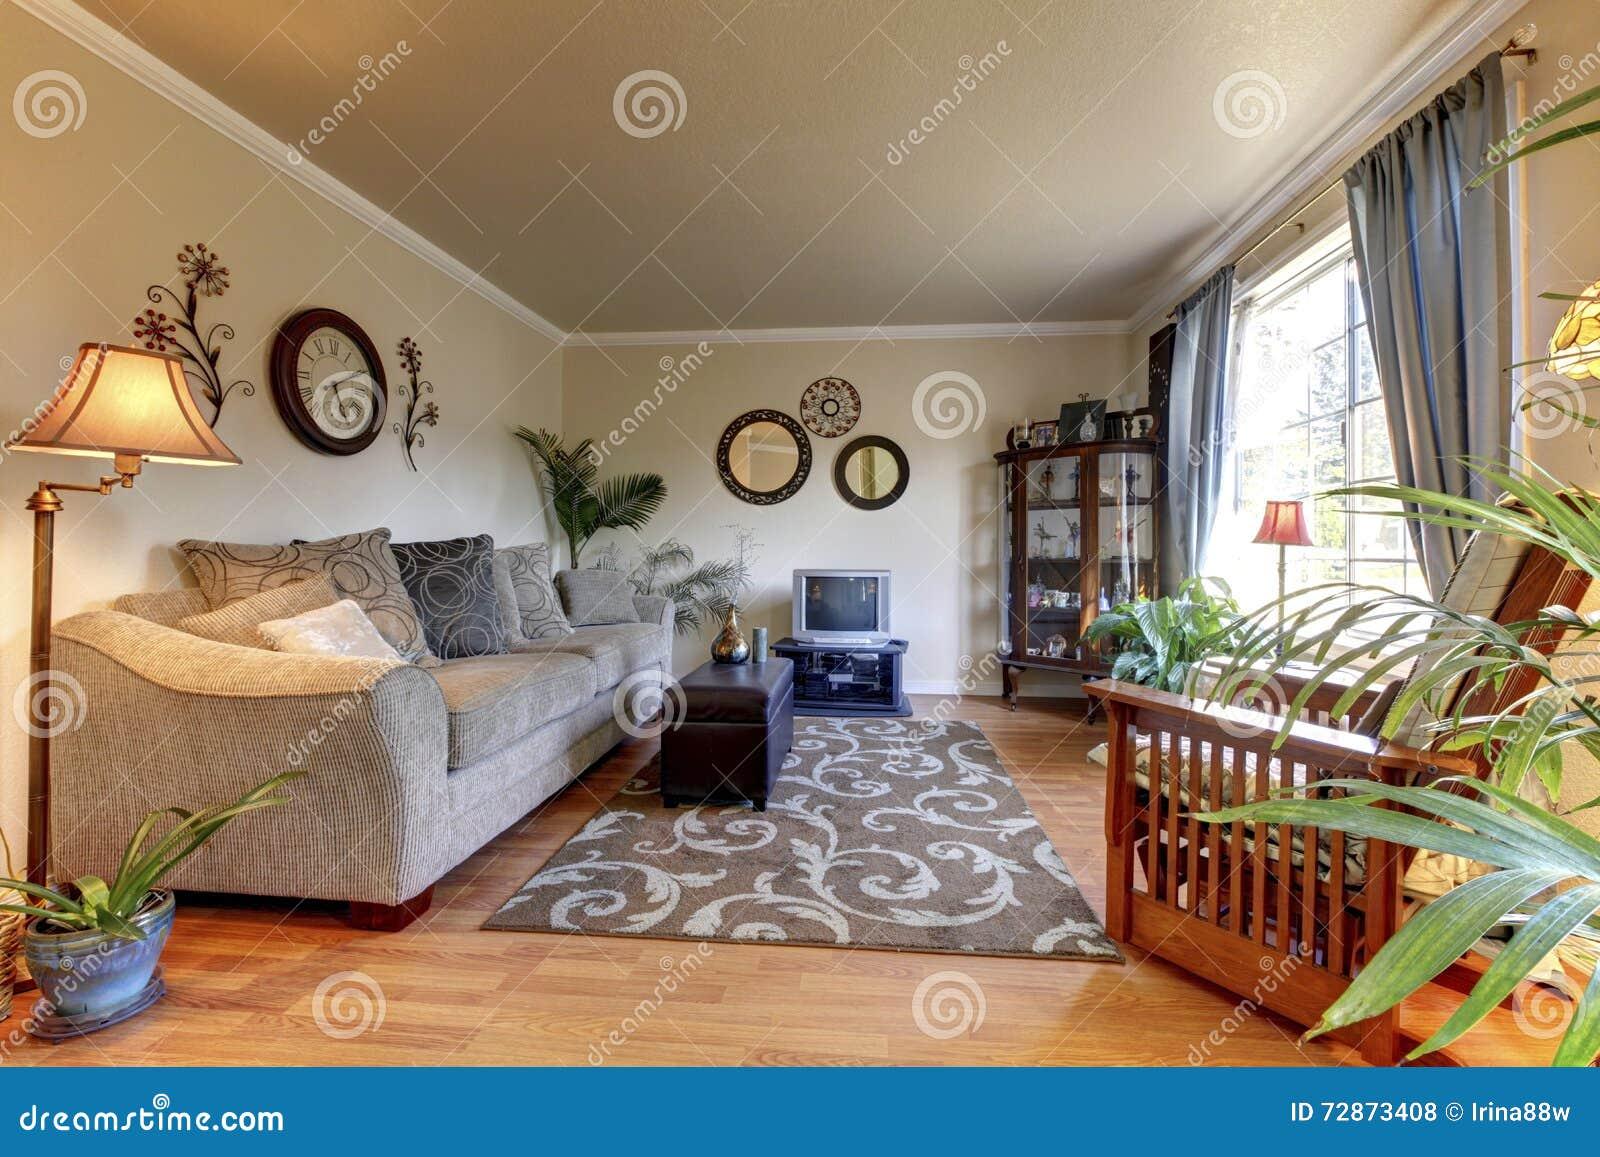 Gemütliches Wohnzimmerdesign Mit Nettem Dekor, Großem Beige Sofa Und  Kleinem Fernsehen